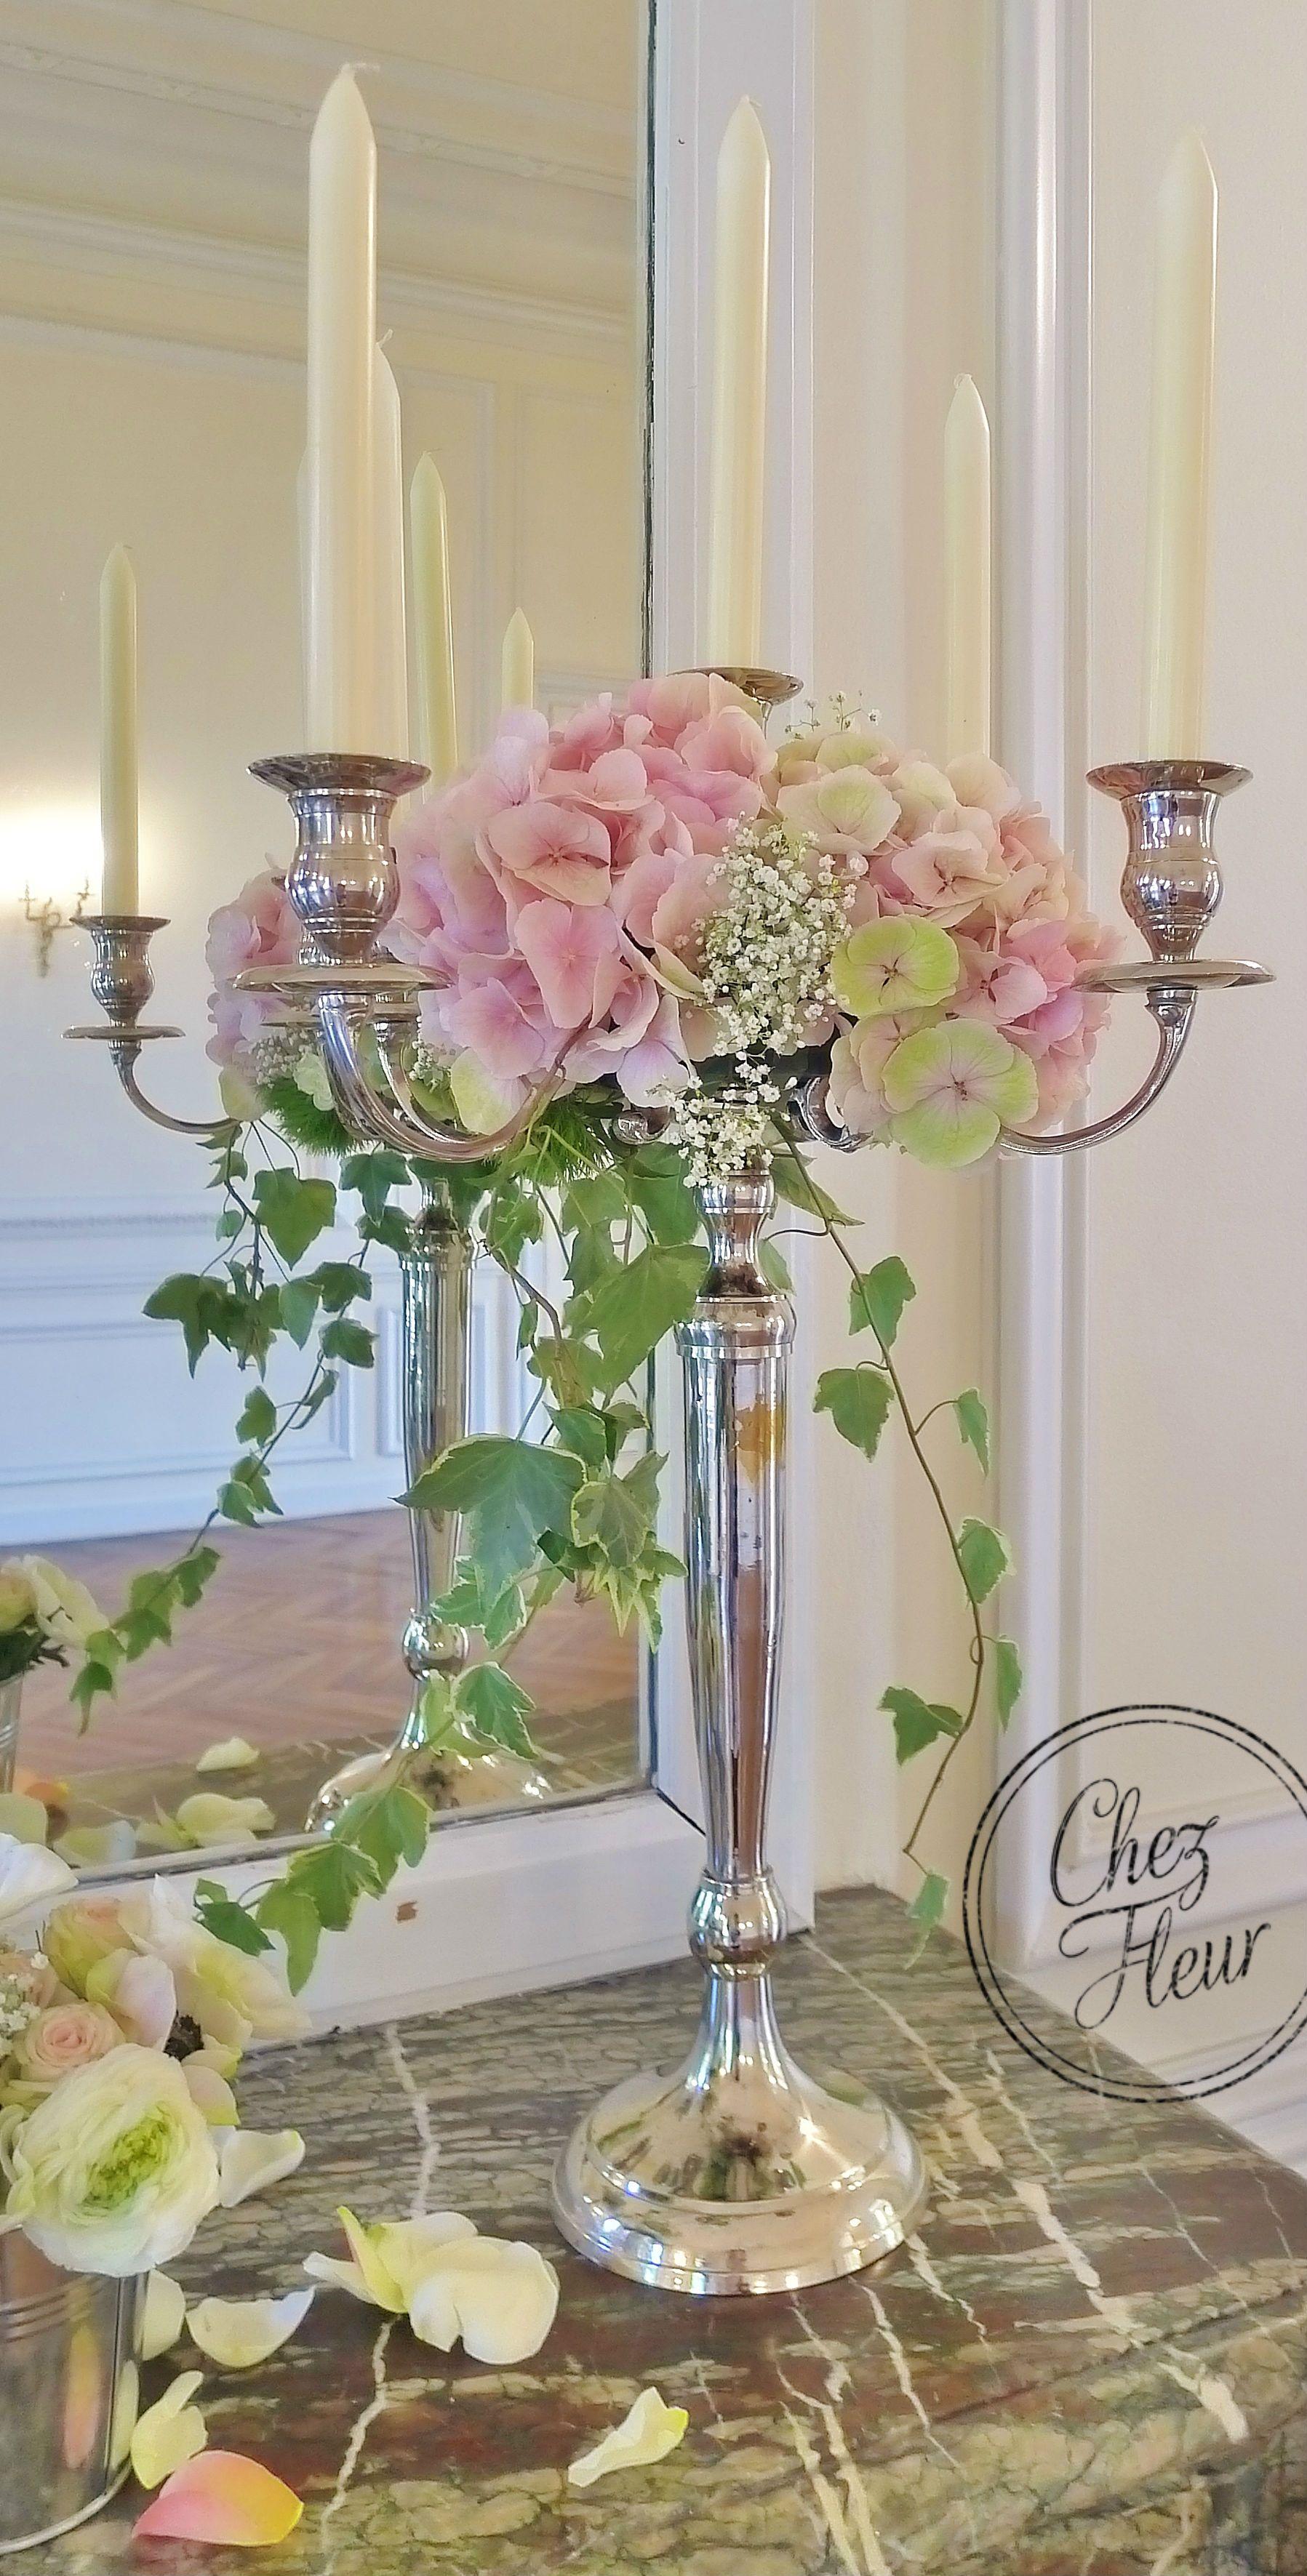 Centre de table chandelier hortensia et lierre httpsfacebook centre de table chandelier hortensia et lierre httpsfacebook aloadofball Images